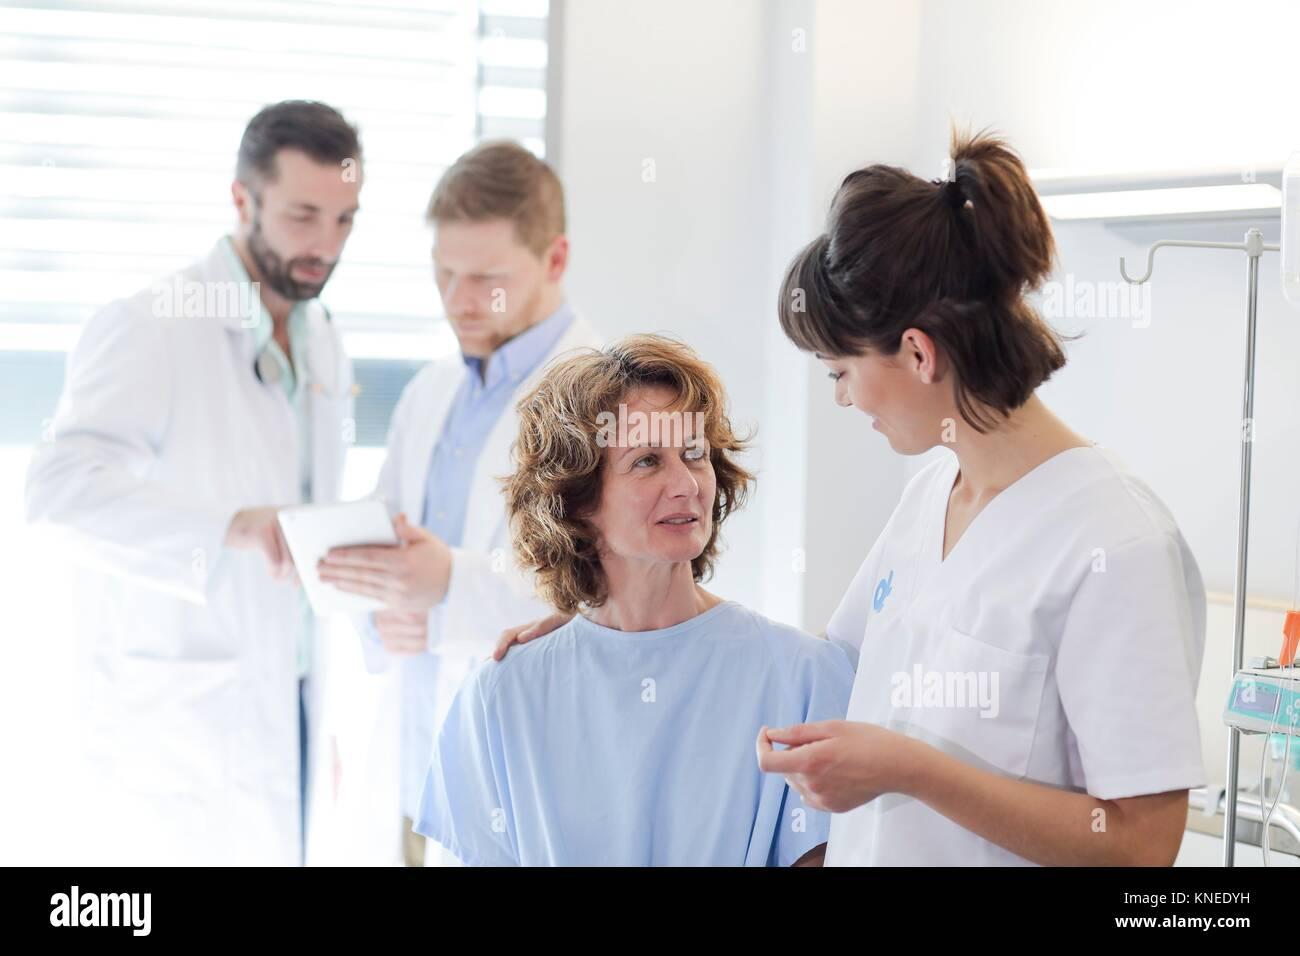 Paciente en la habitación del hospital atendido por un médico, hospital Imagen De Stock